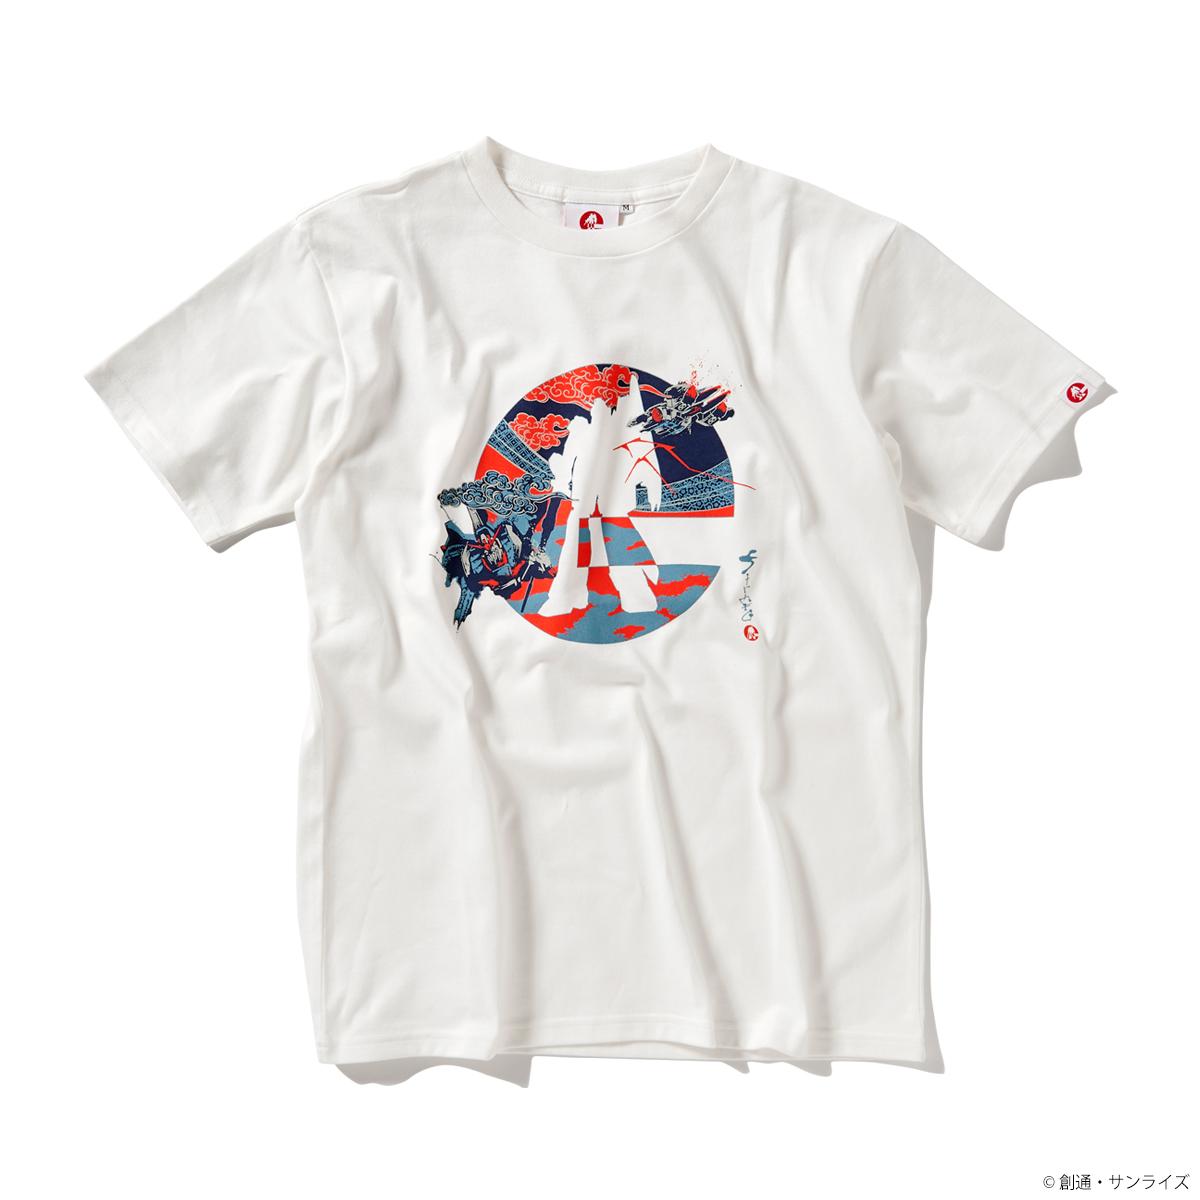 STRICT-G JAPAN 『機動戦士Zガンダム』Tシャツ JAPANロゴ柄